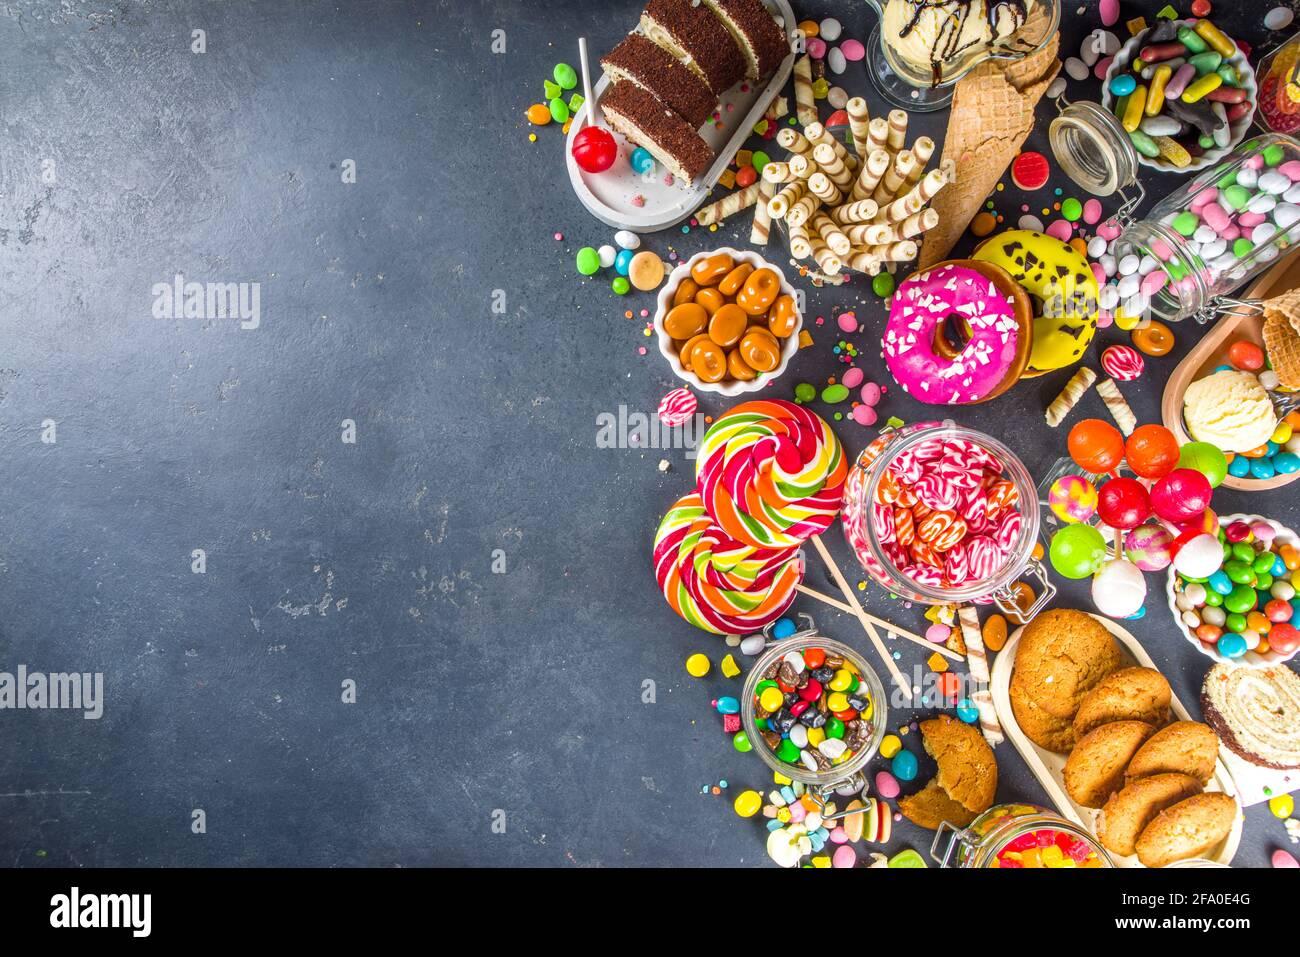 Auswahl an bunten Süßigkeiten. Set mit verschiedenen Süßigkeiten, Pralinen, Donuts, Keksen, Lutschern, Eiscreme von oben auf schwarzem Betonhintergrund Stockfoto